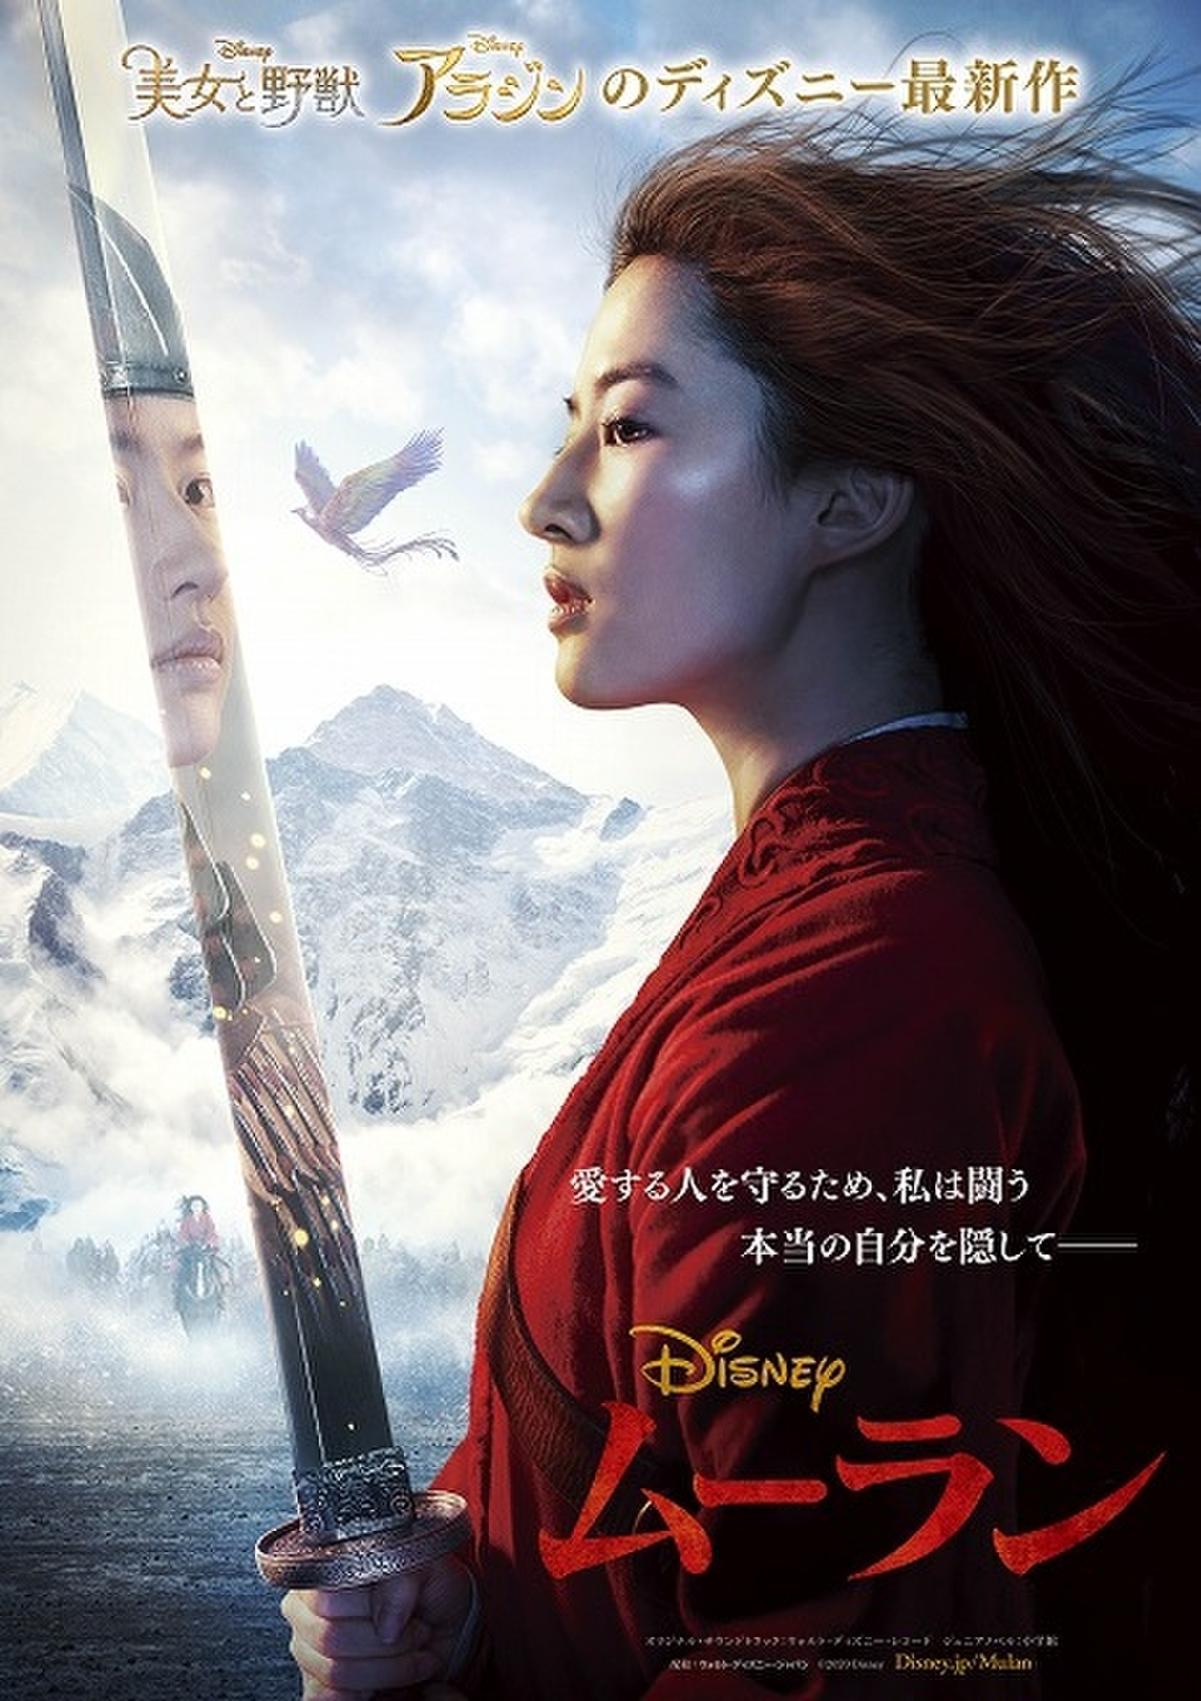 ディズニー実写映画「ムーラン」公開再延期が決定 : 映画ニュース - 映画.com